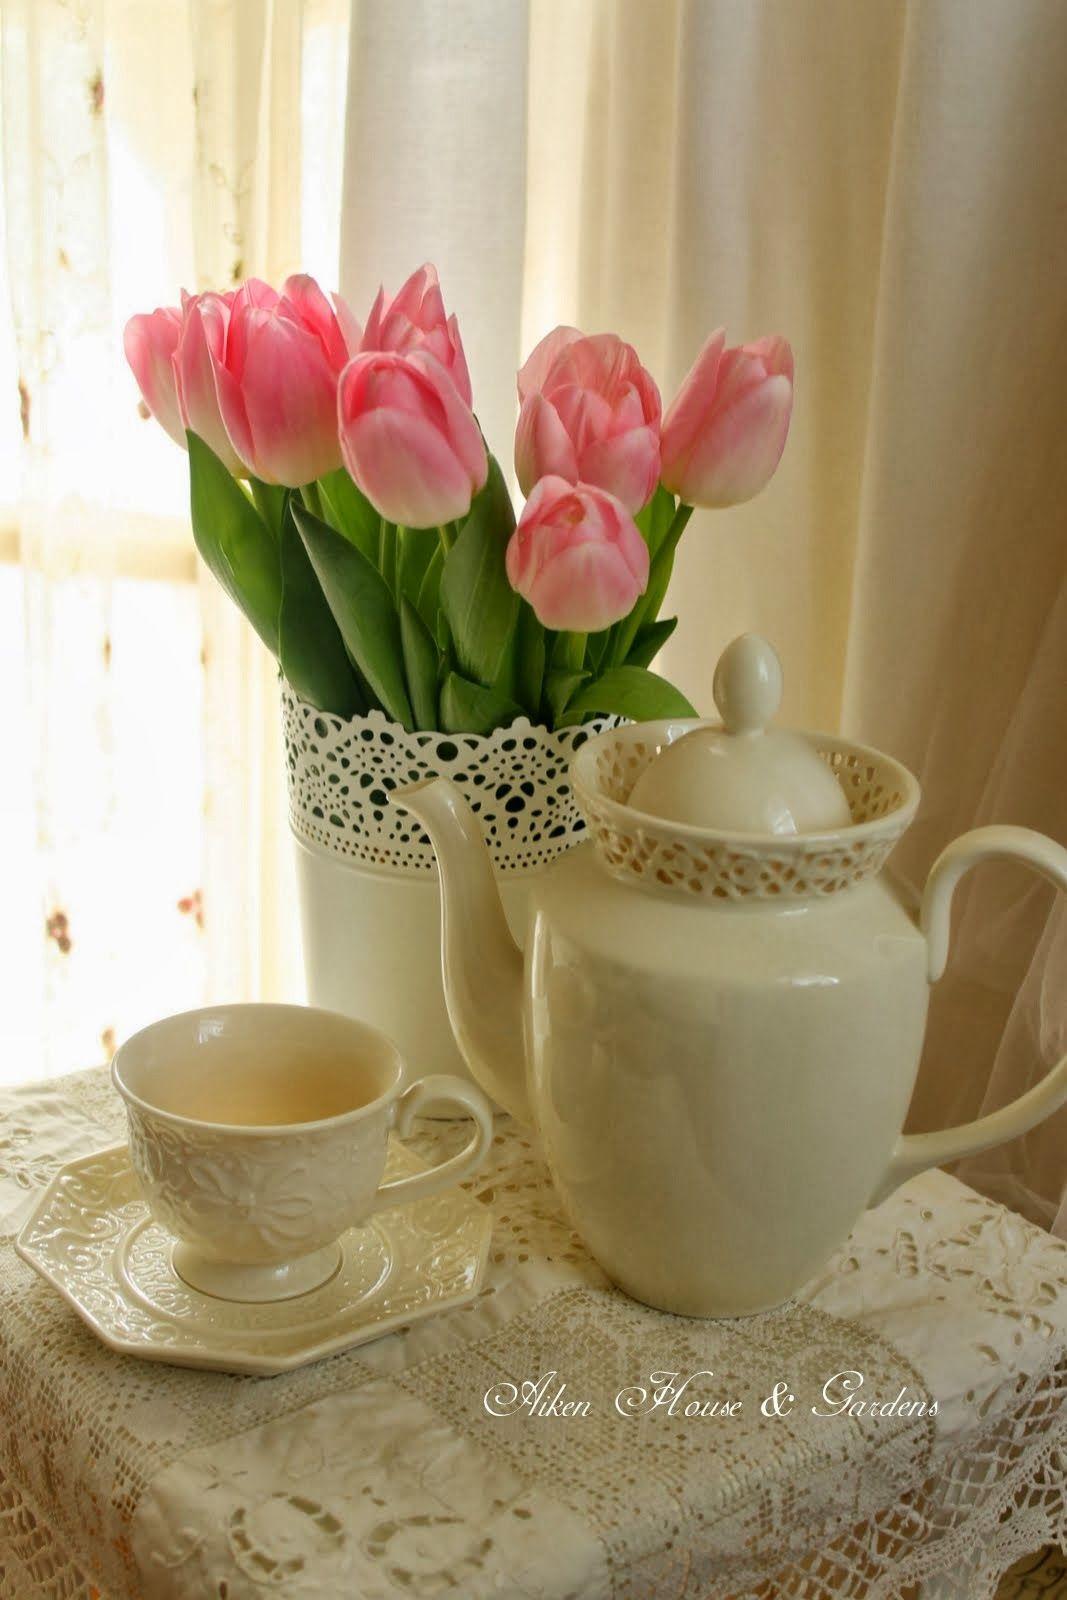 Aiken House & Gardens Warm White Cosas románticas